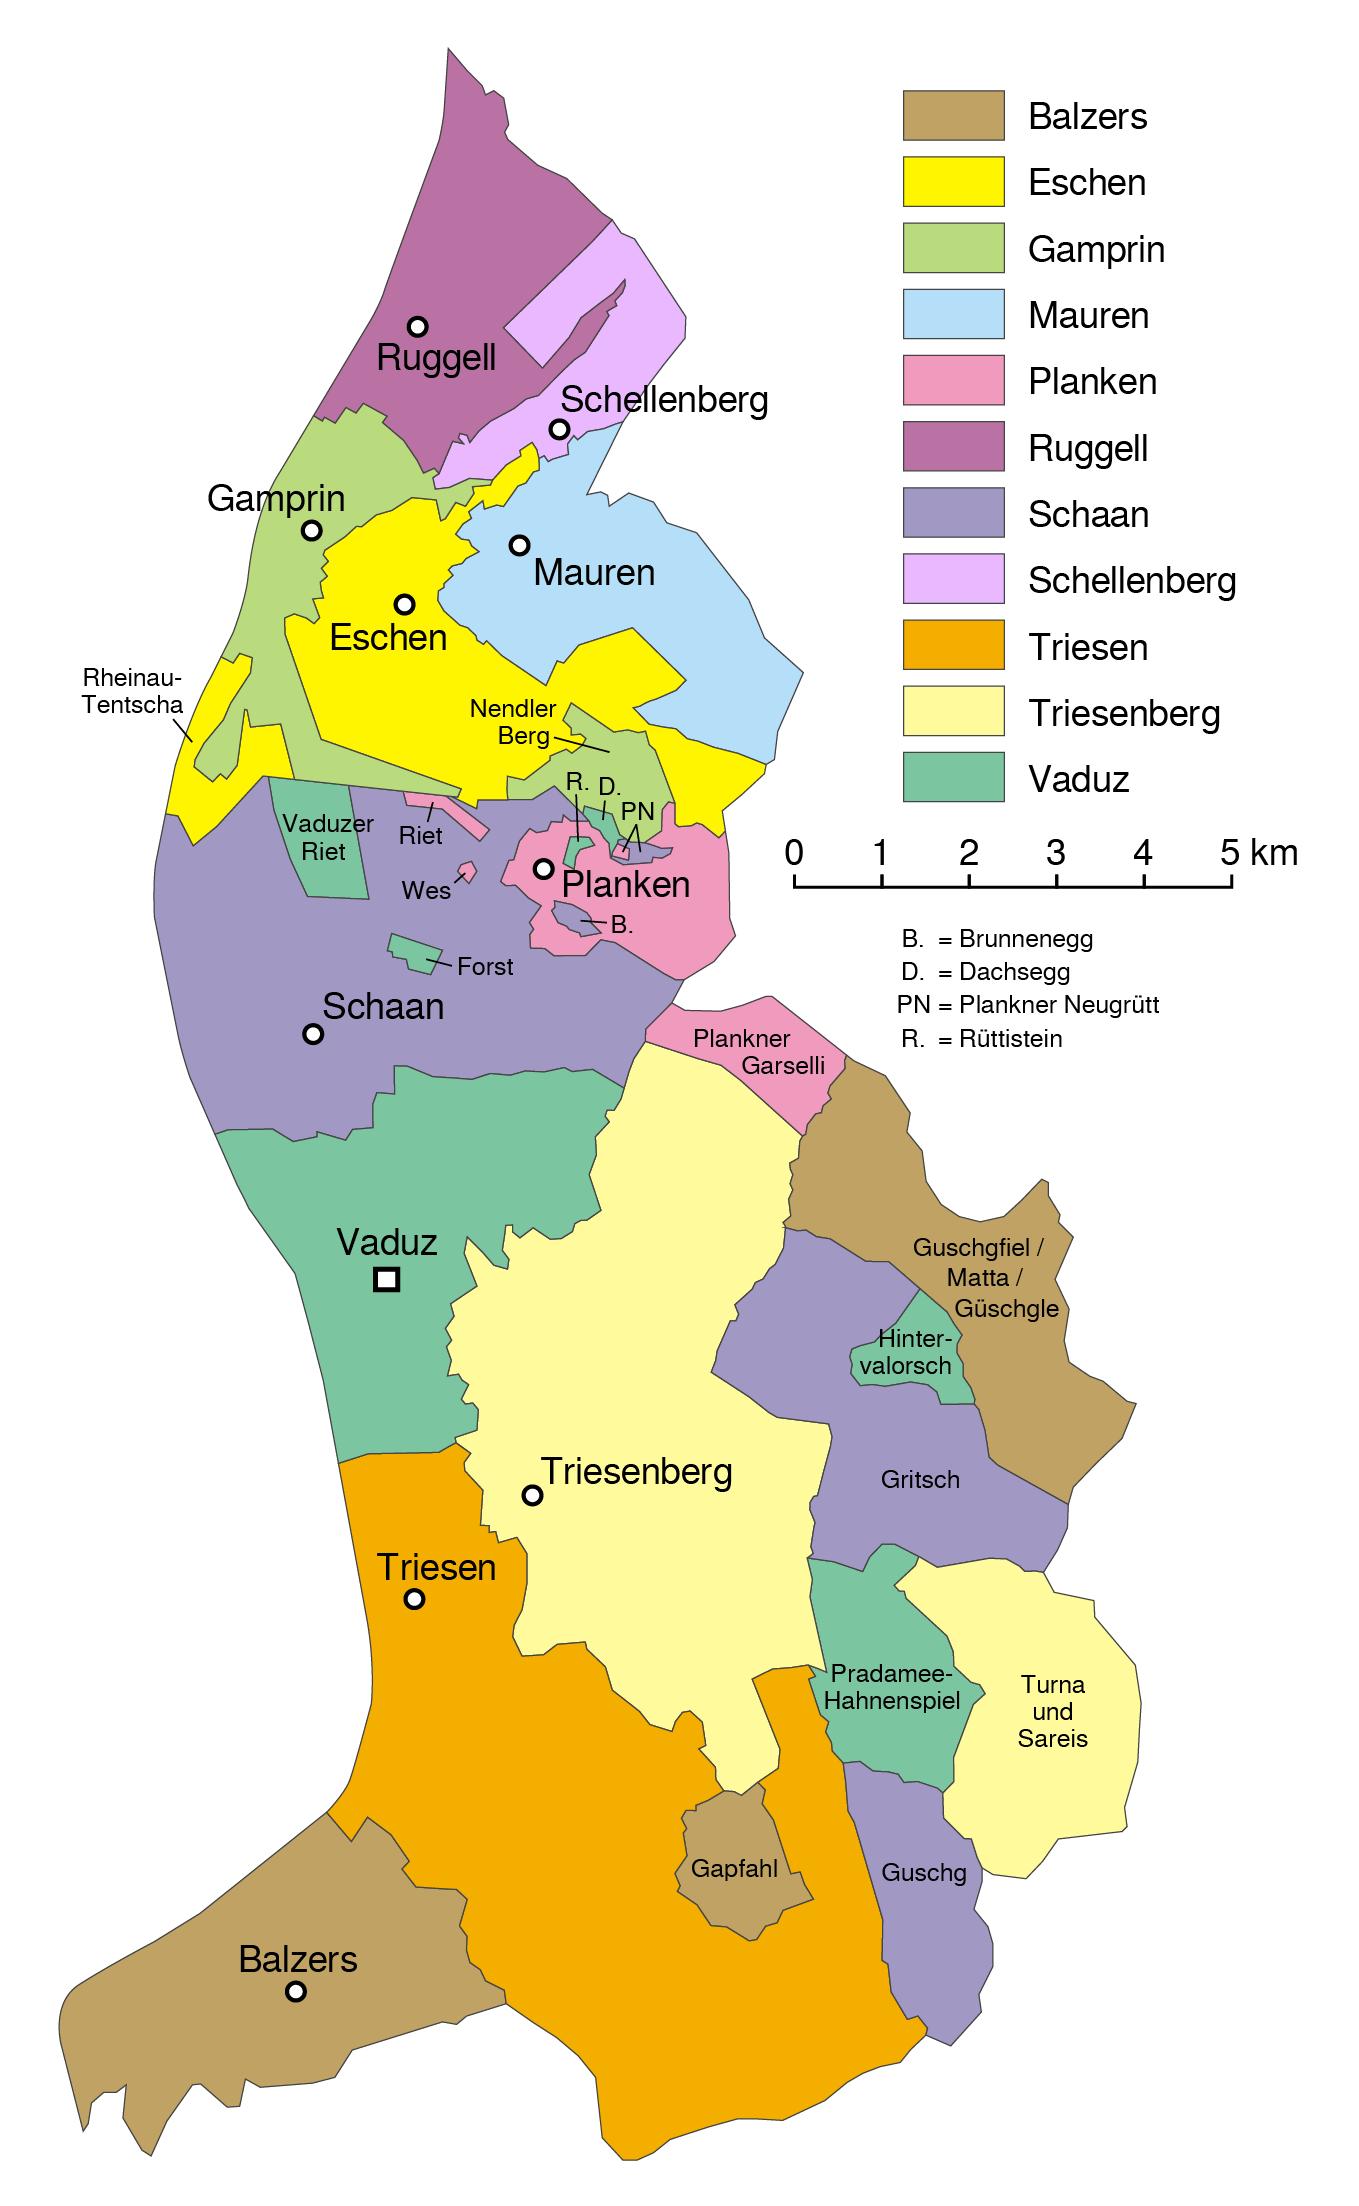 Mapa podziału administracyjnego Liechtensteinu